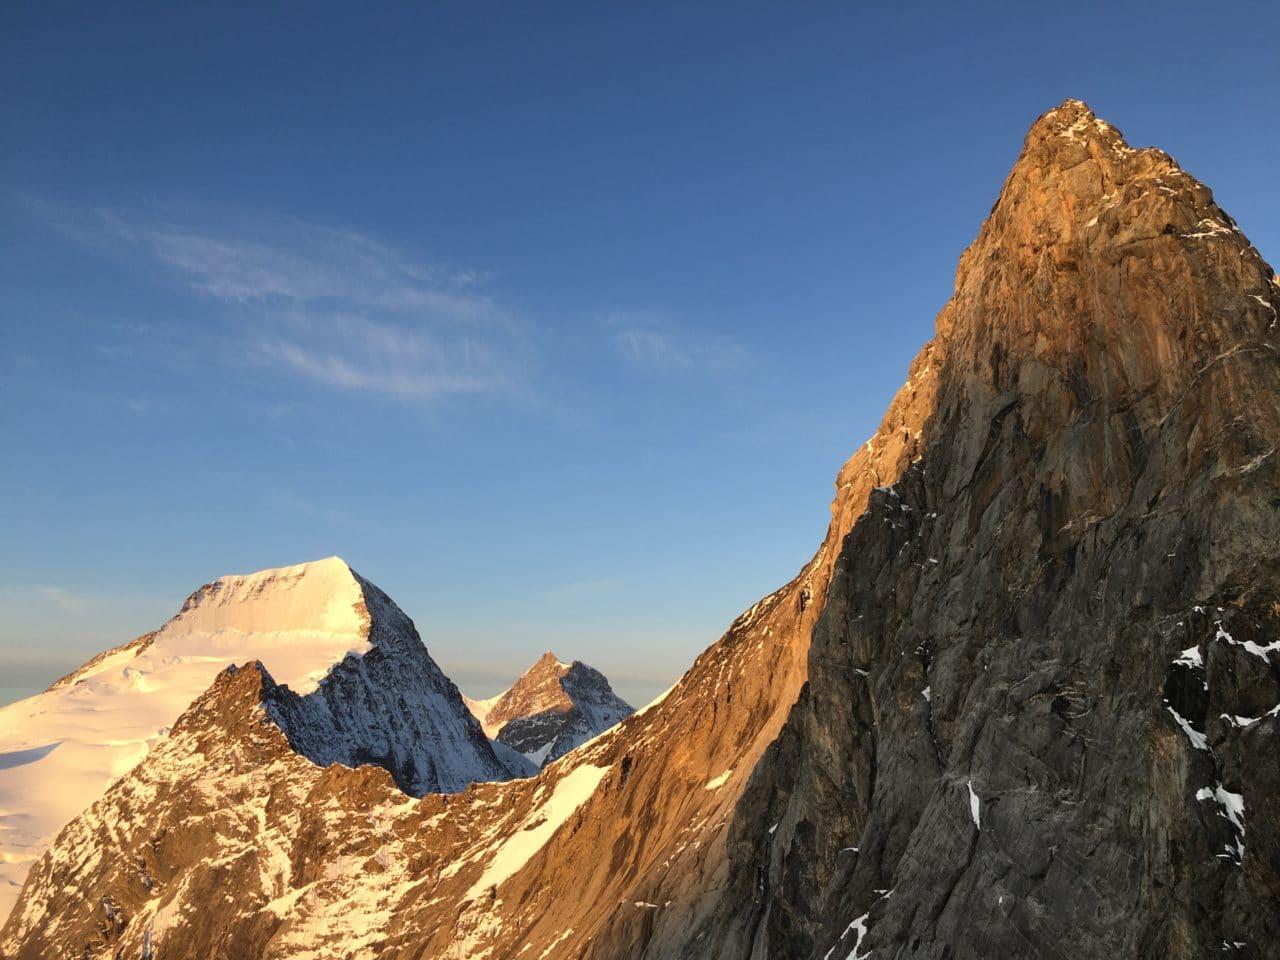 Sommet de l'Eiger et Mönch derrière